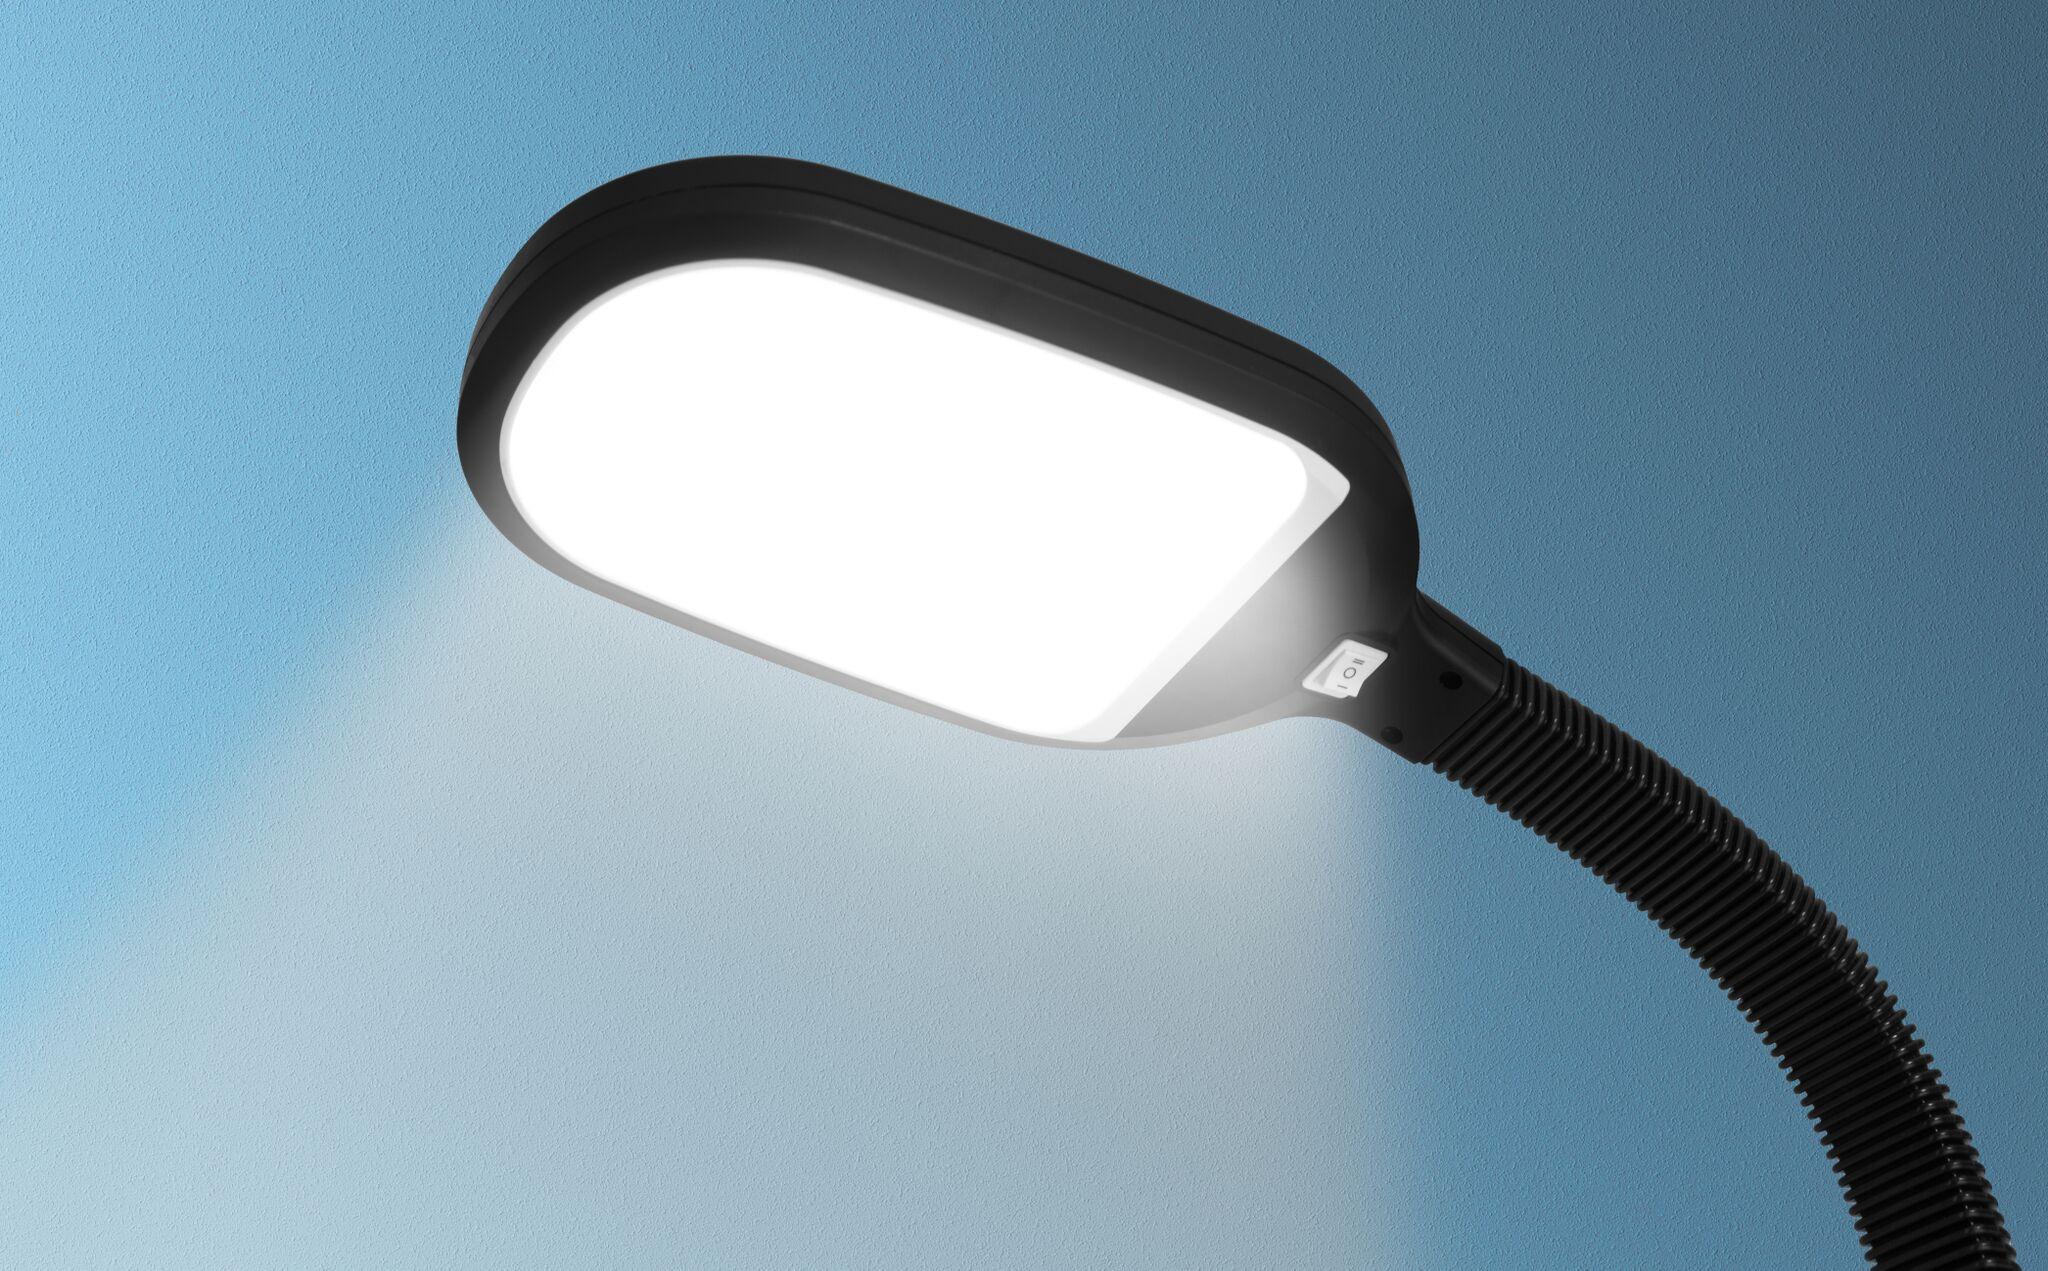 kenley stehlampe leselampe 12w led dimmbar deckenfluter standleuchte standlampe ebay. Black Bedroom Furniture Sets. Home Design Ideas